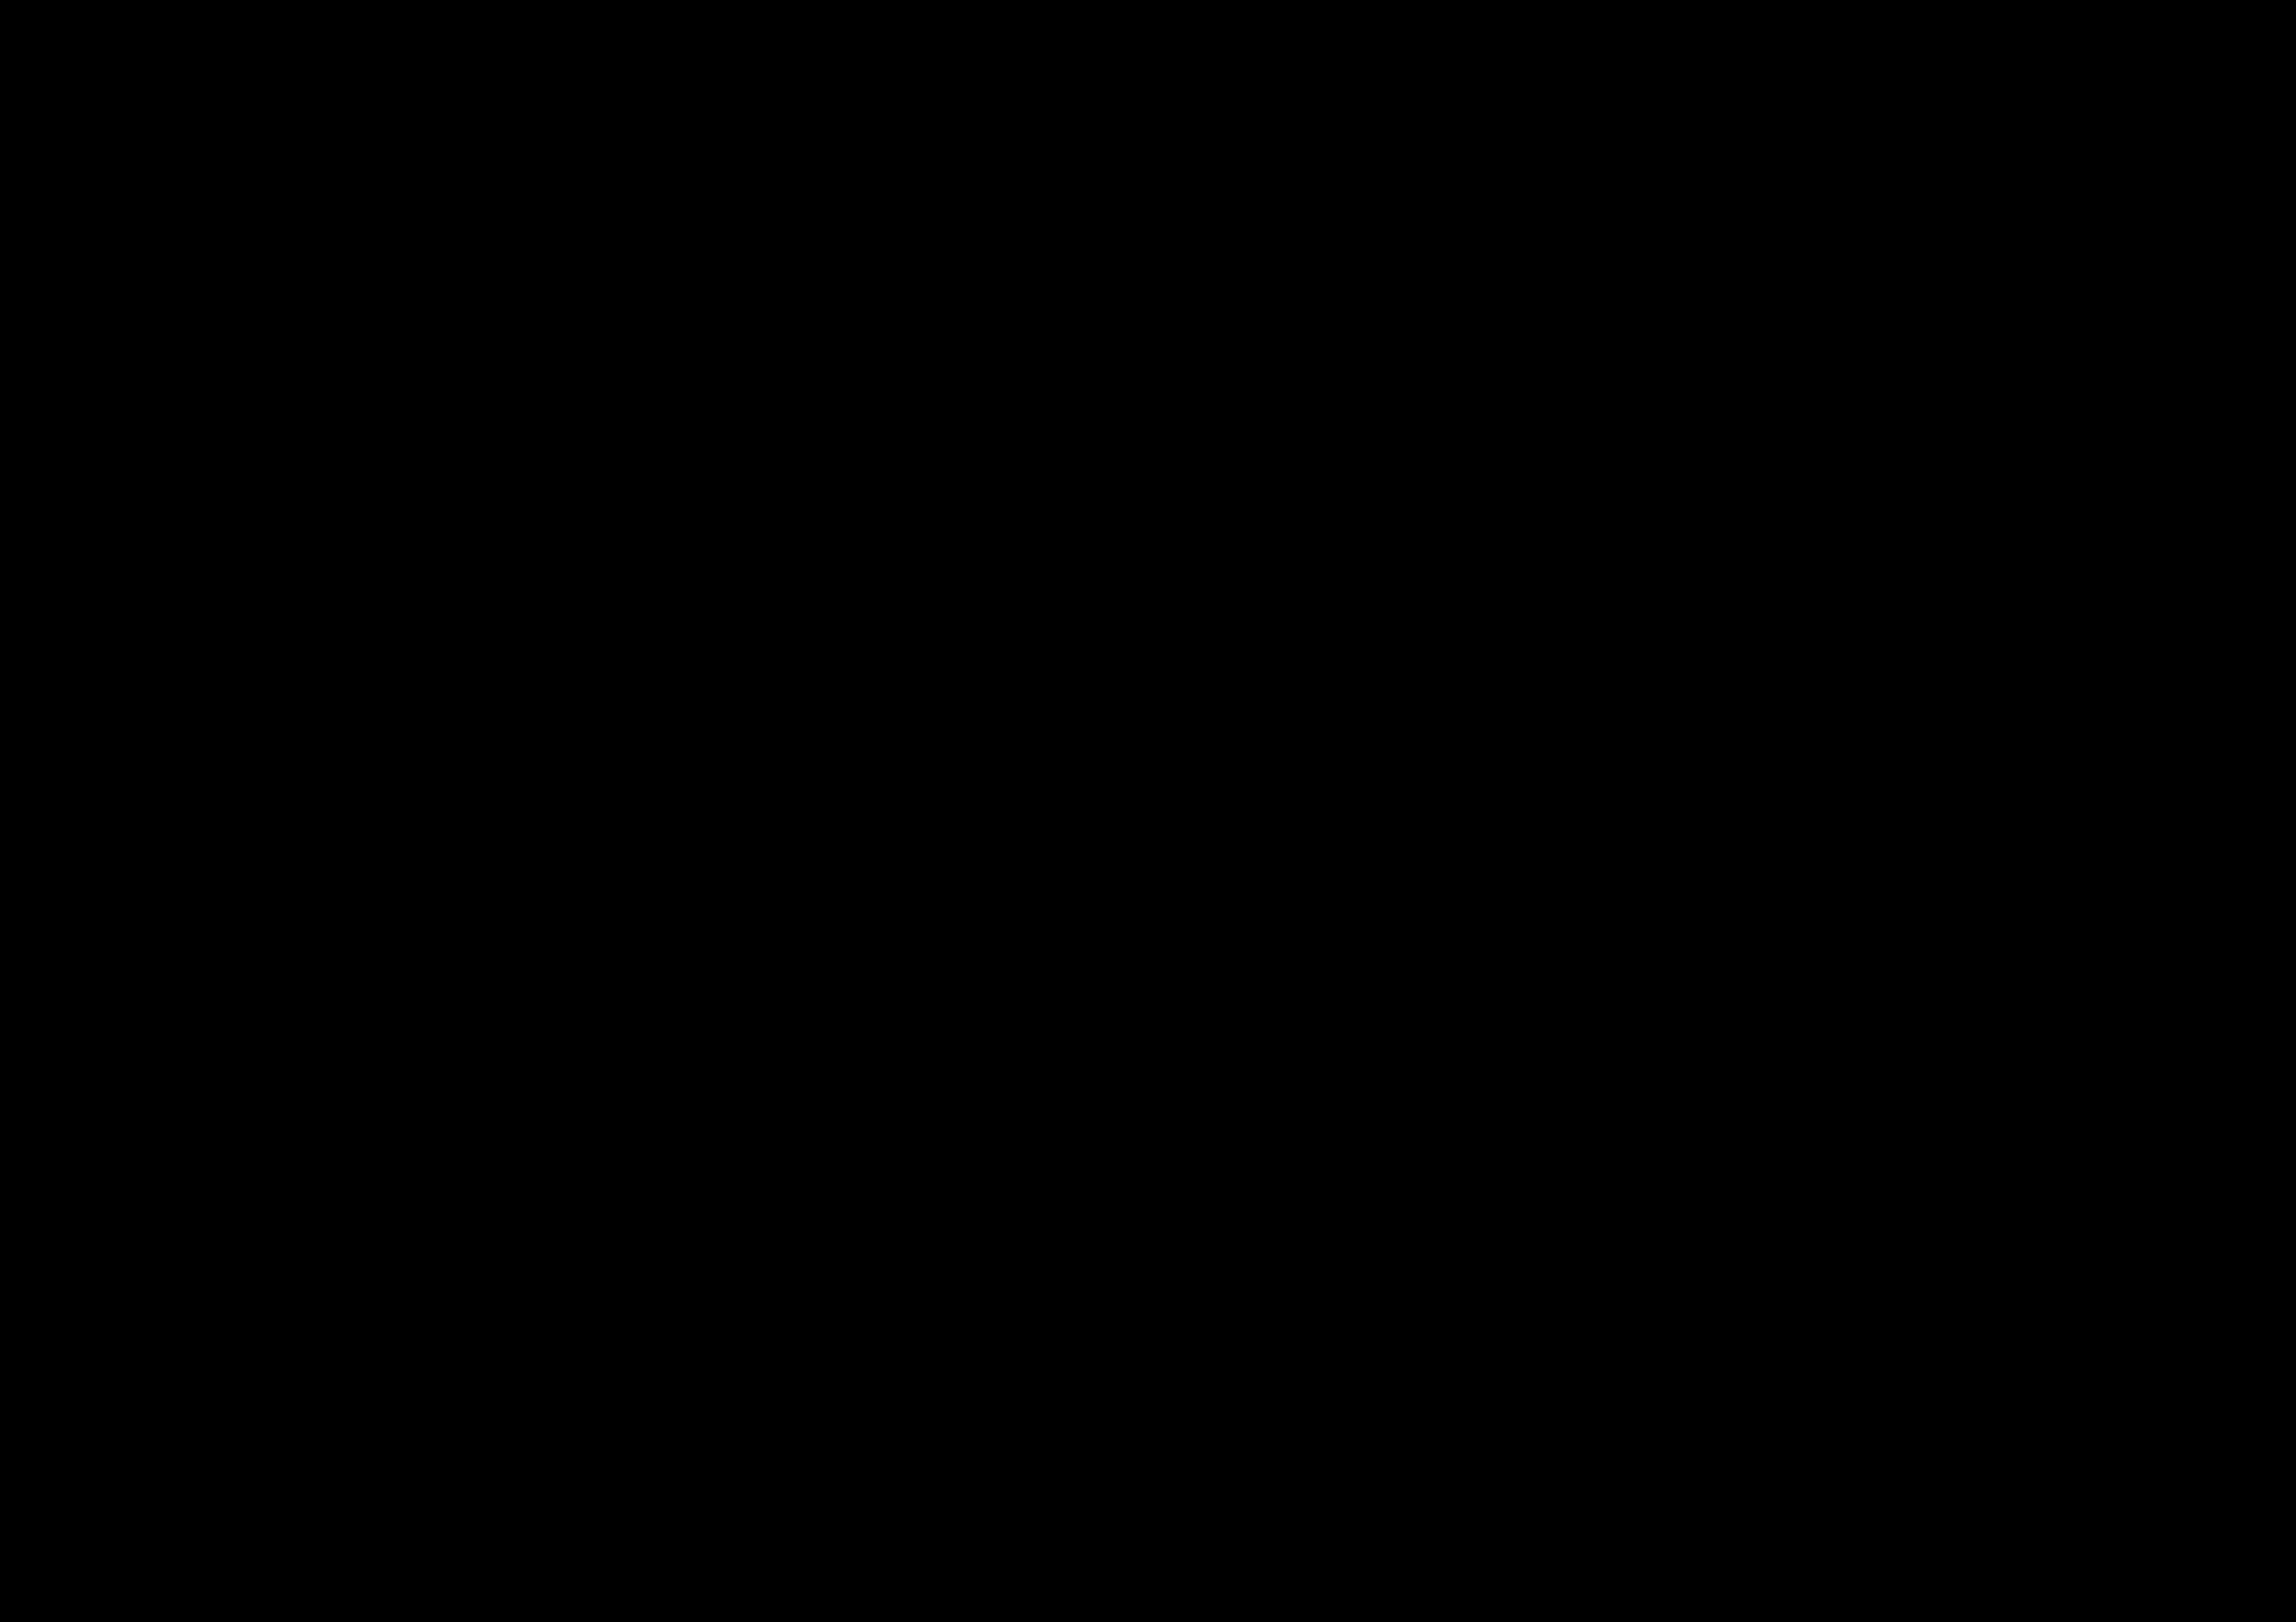 La testa prima della tattica: come Tuchel ha riscoperto giocatori dimenticati